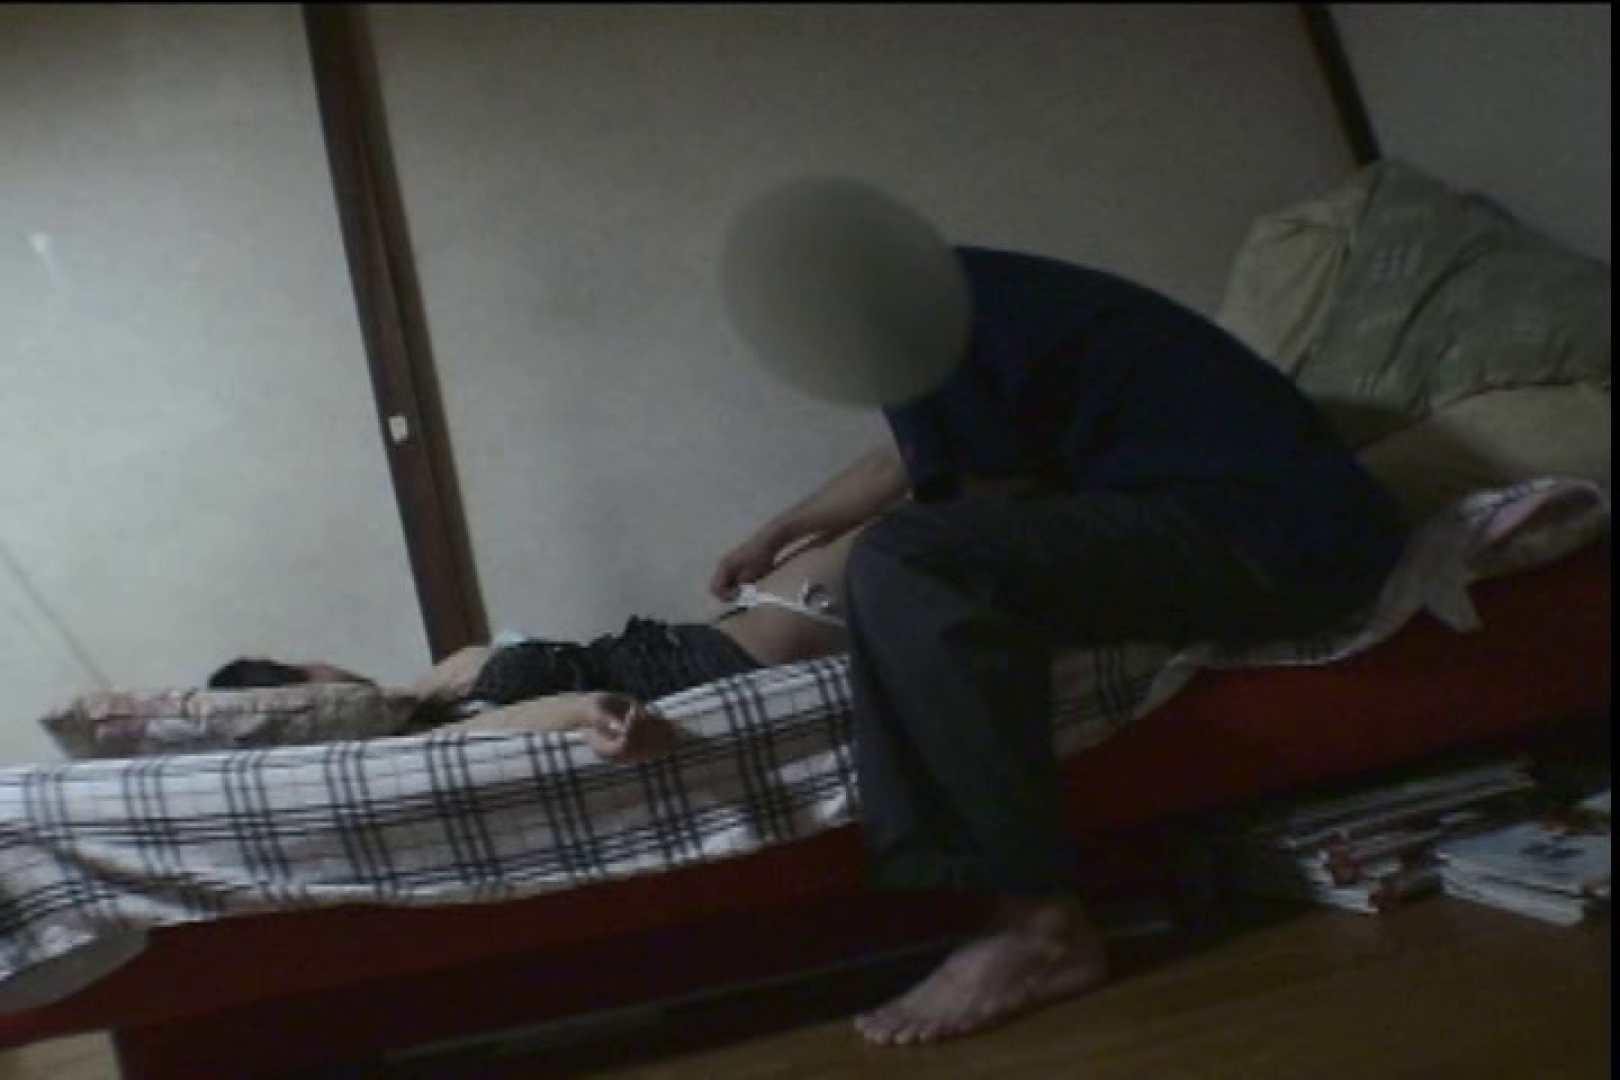 れる泥酔女5 生おまんこ   盗撮  106PICs 43